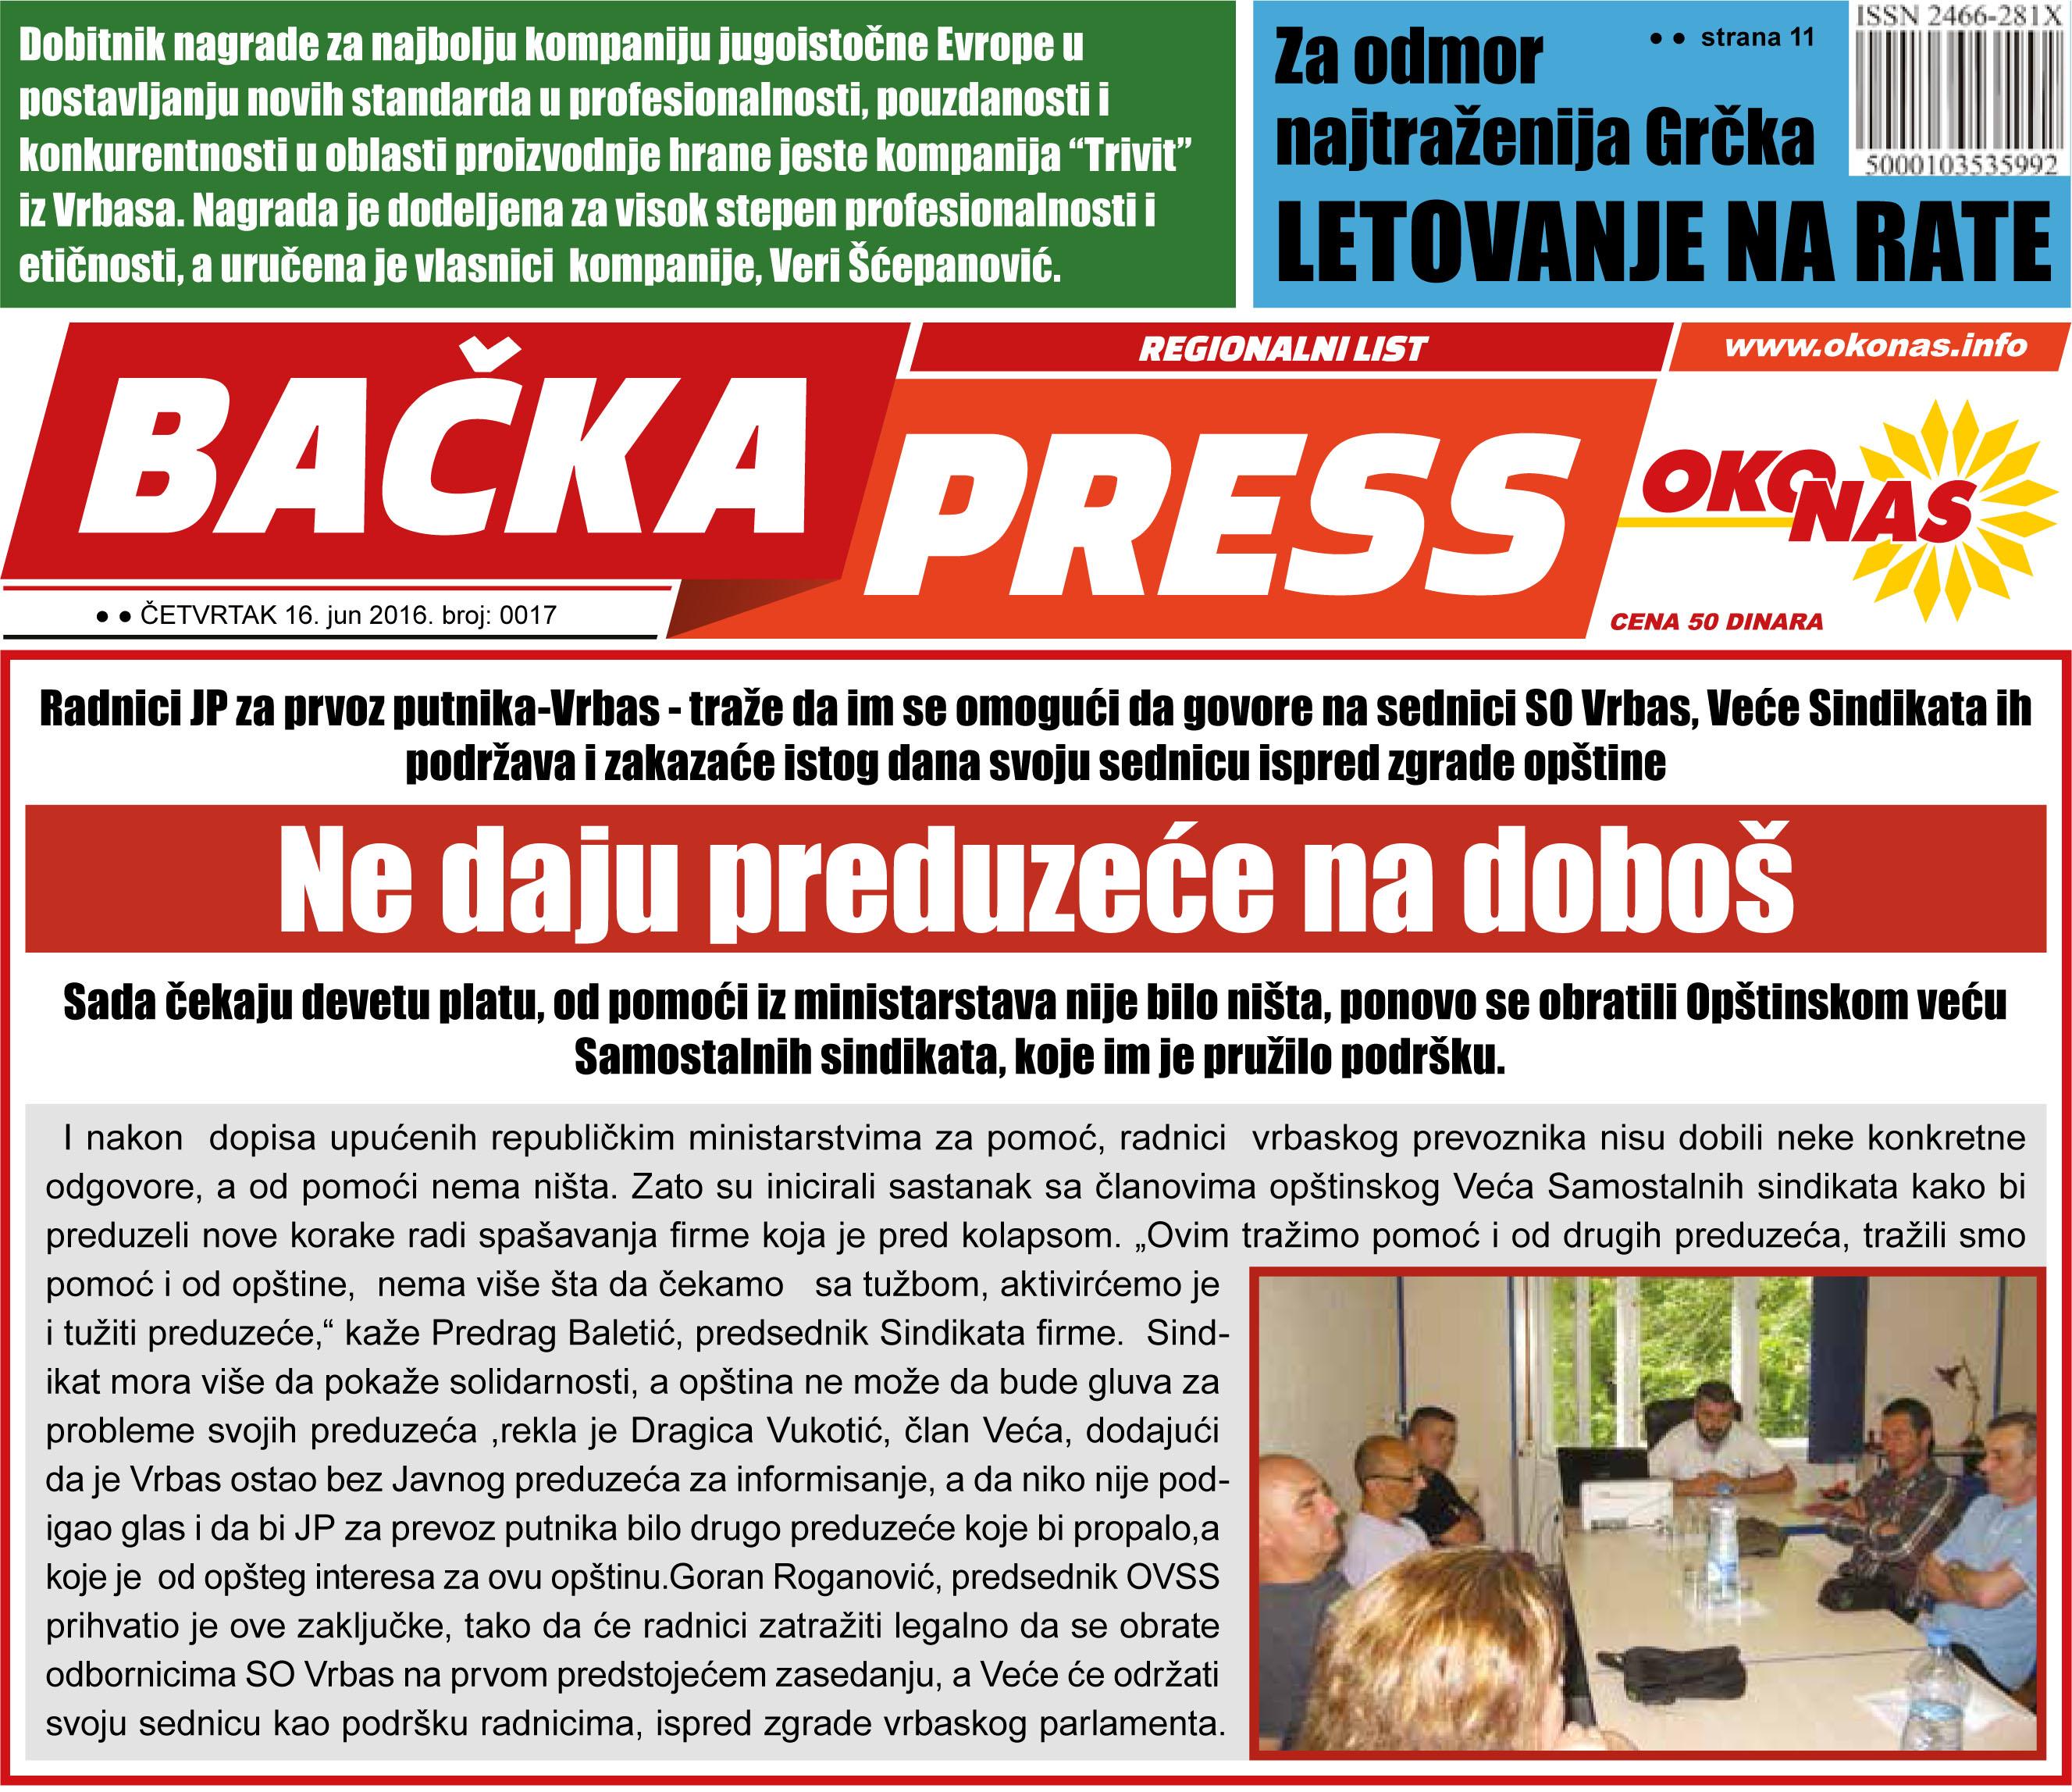 Novi, 17. broj lista Bačka press